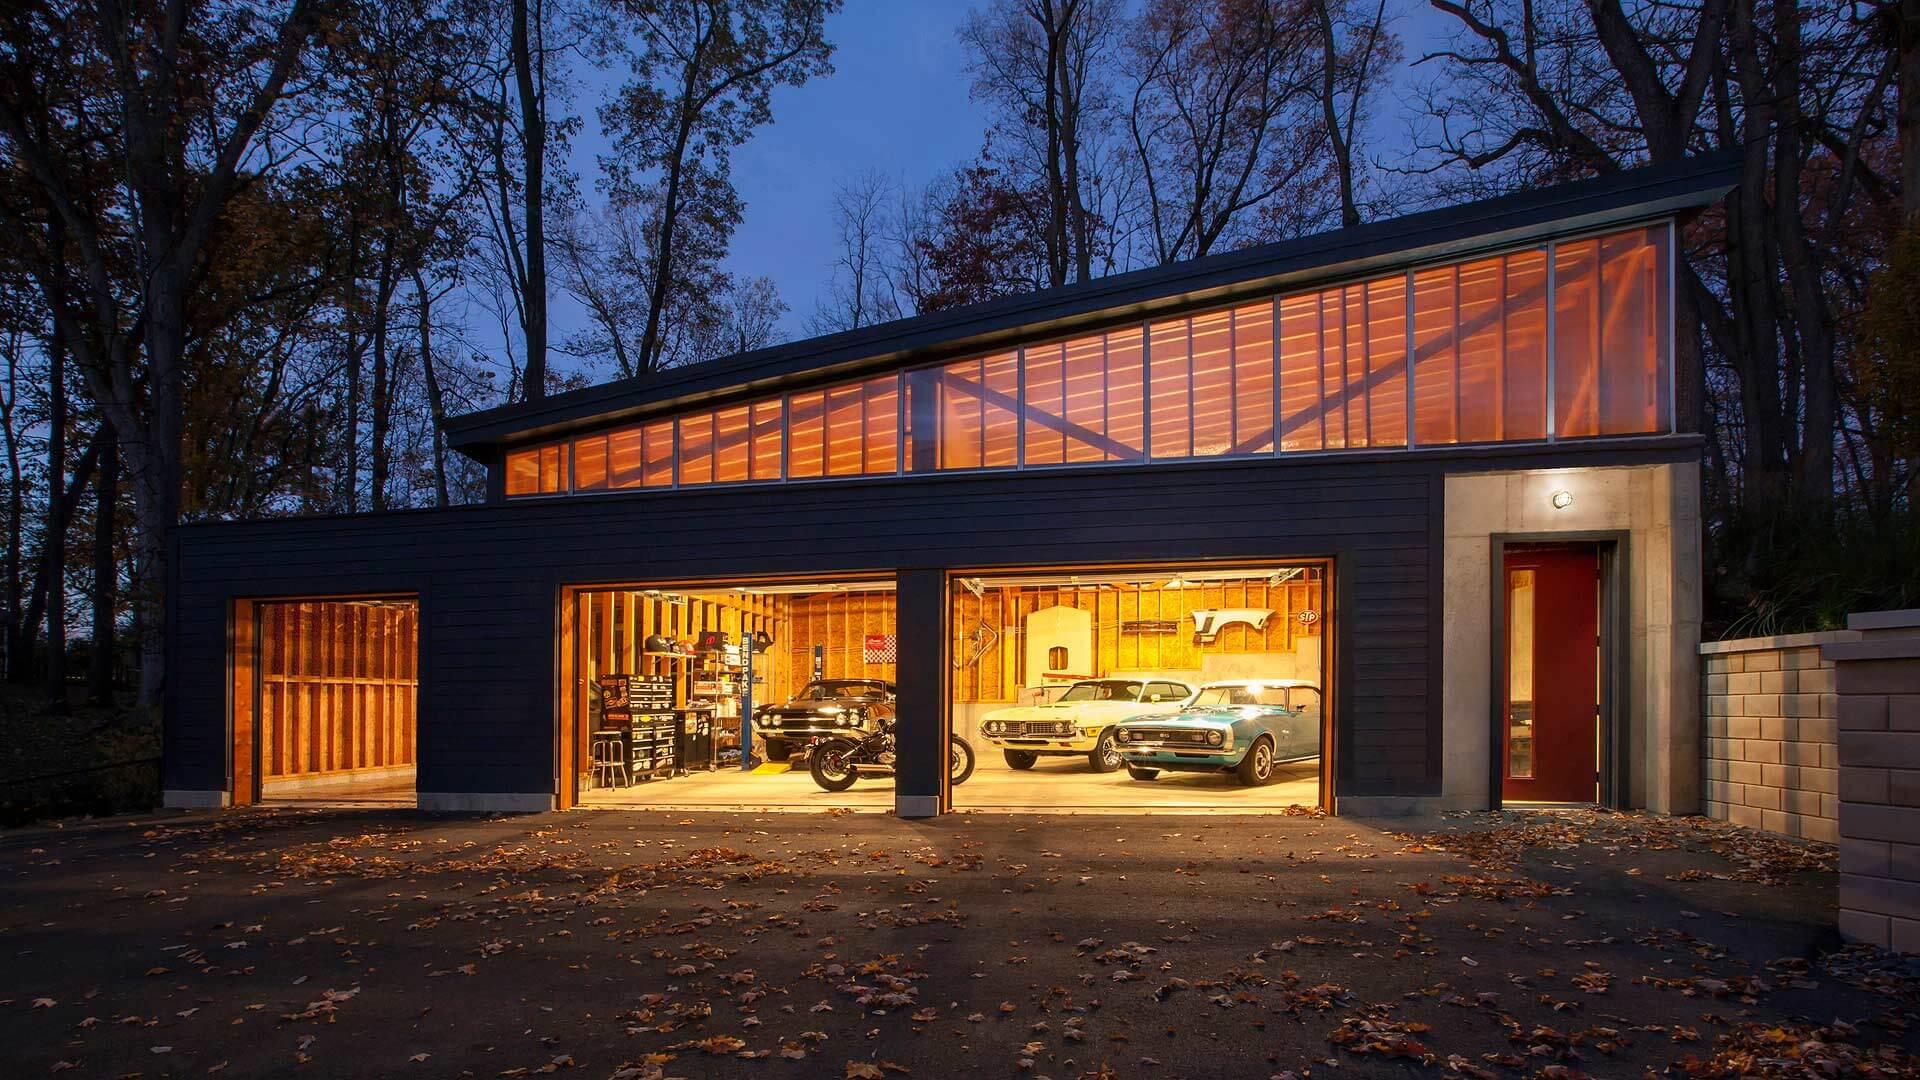 Vintage Modern Garage Haus Architecture For Modern Lifestyles